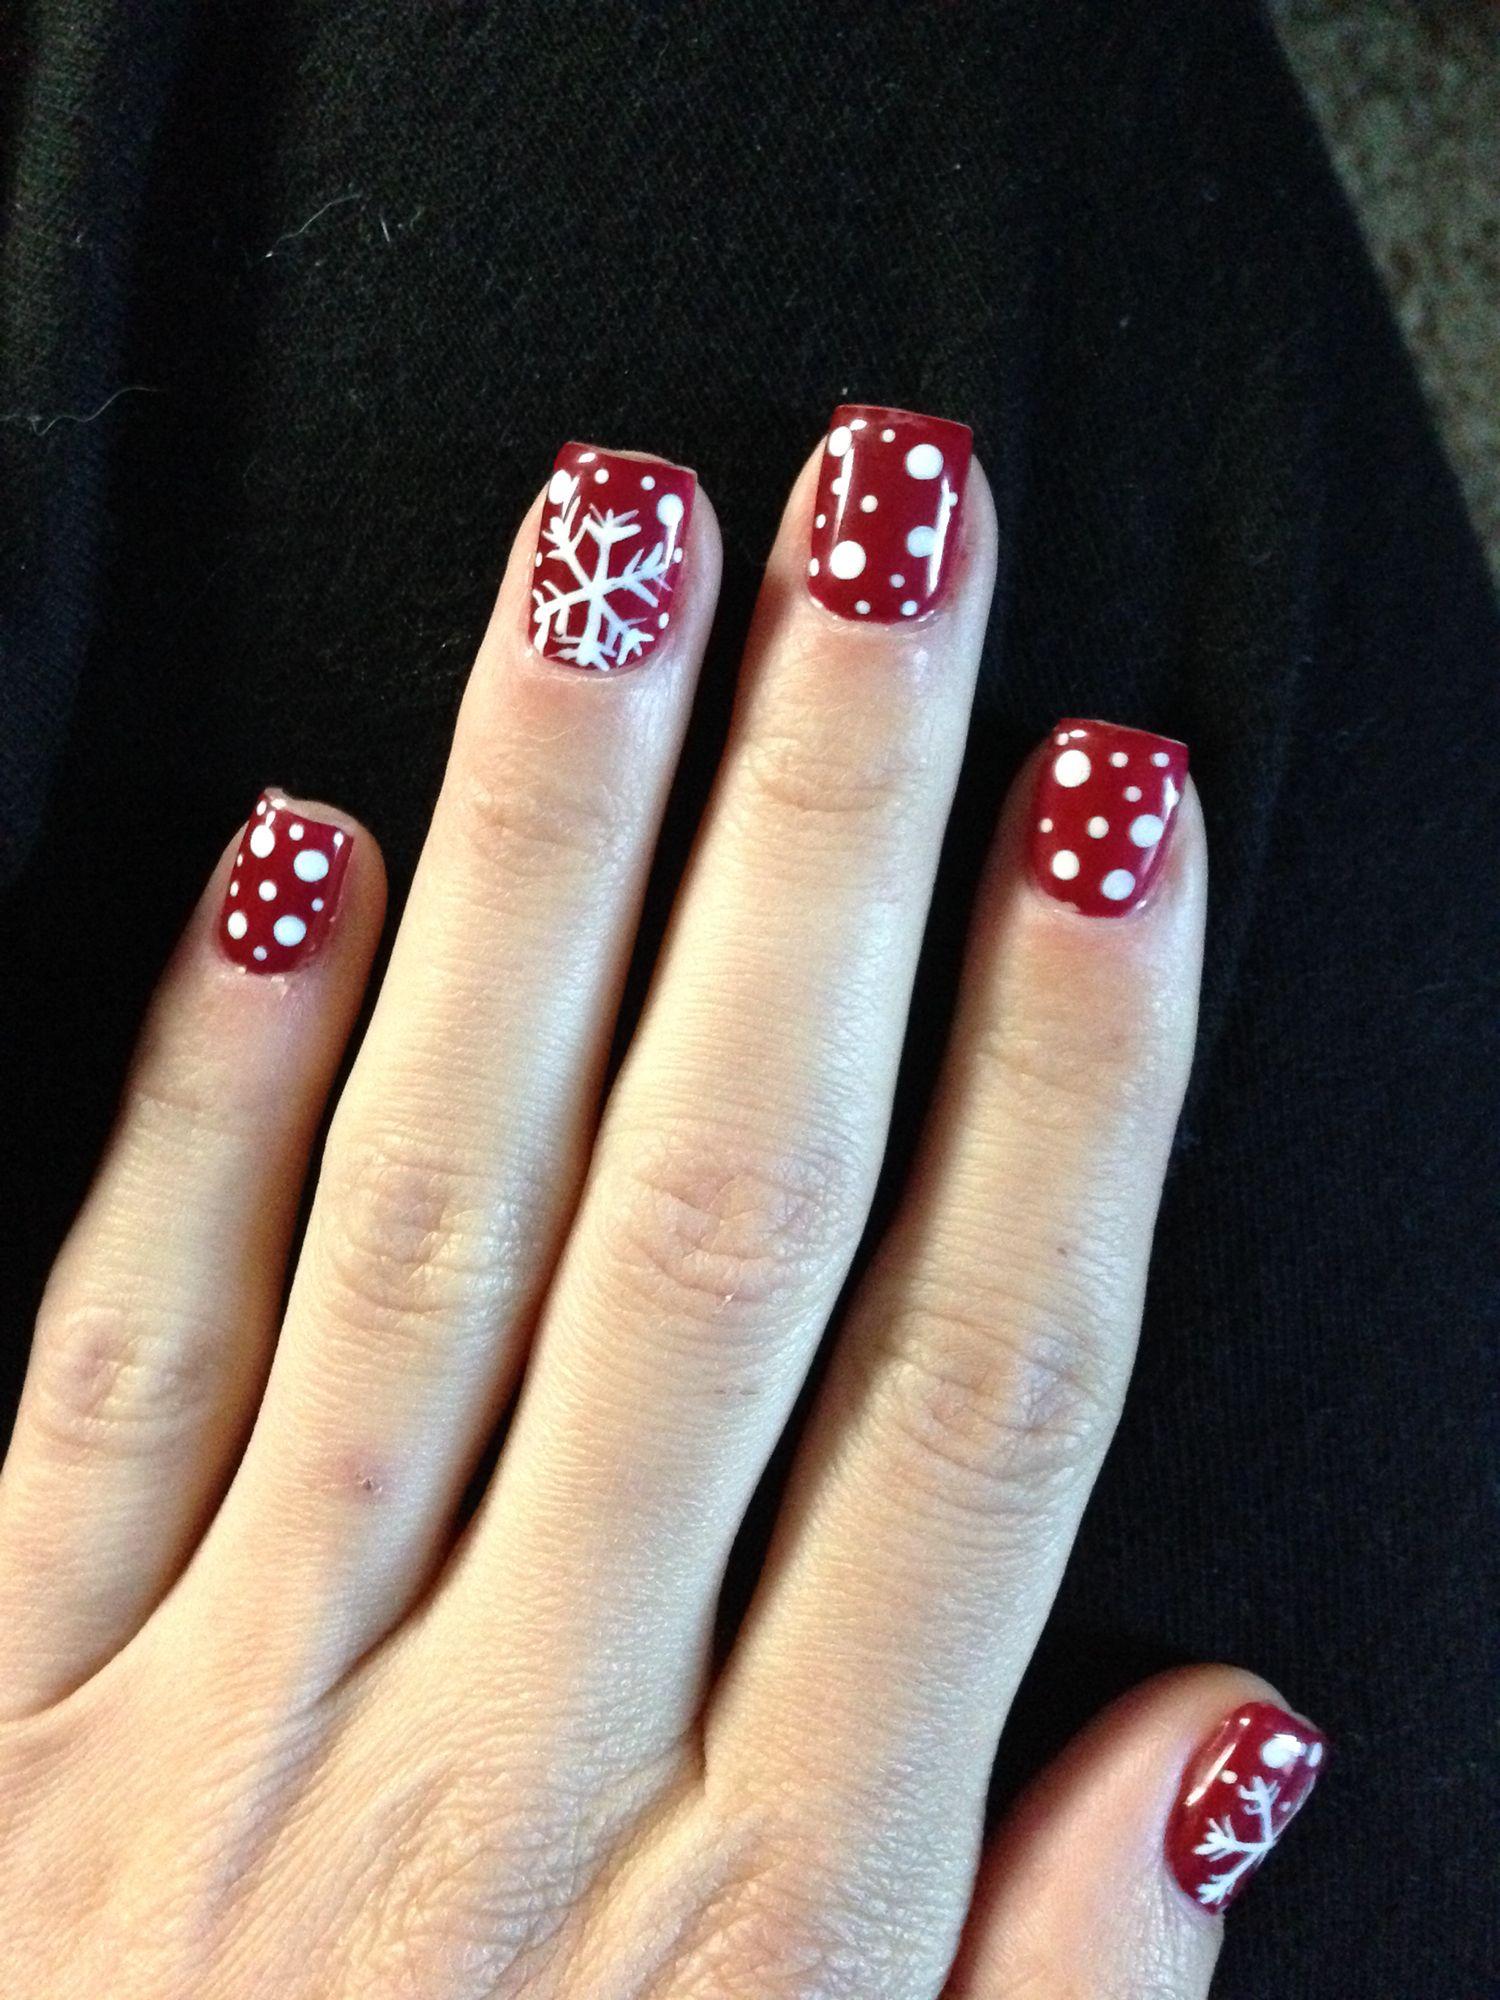 Faszinierend Weihnachts Nägel Rot Foto Von Christmas Nails · Nägel